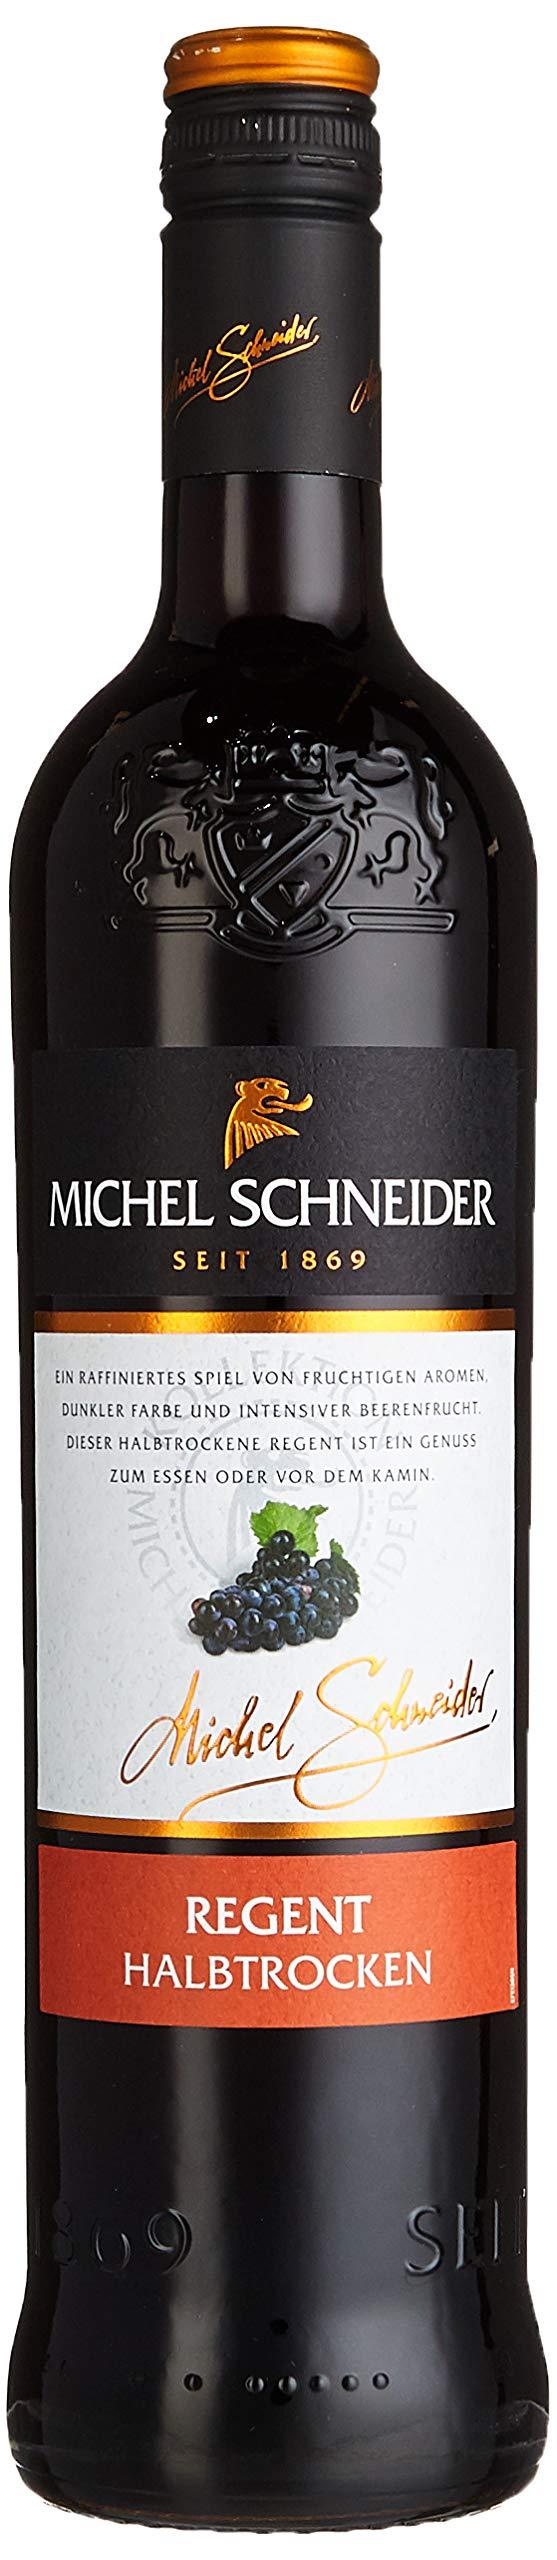 Michel-Schneider-Regent-Halbtrocken-6-x-075-l